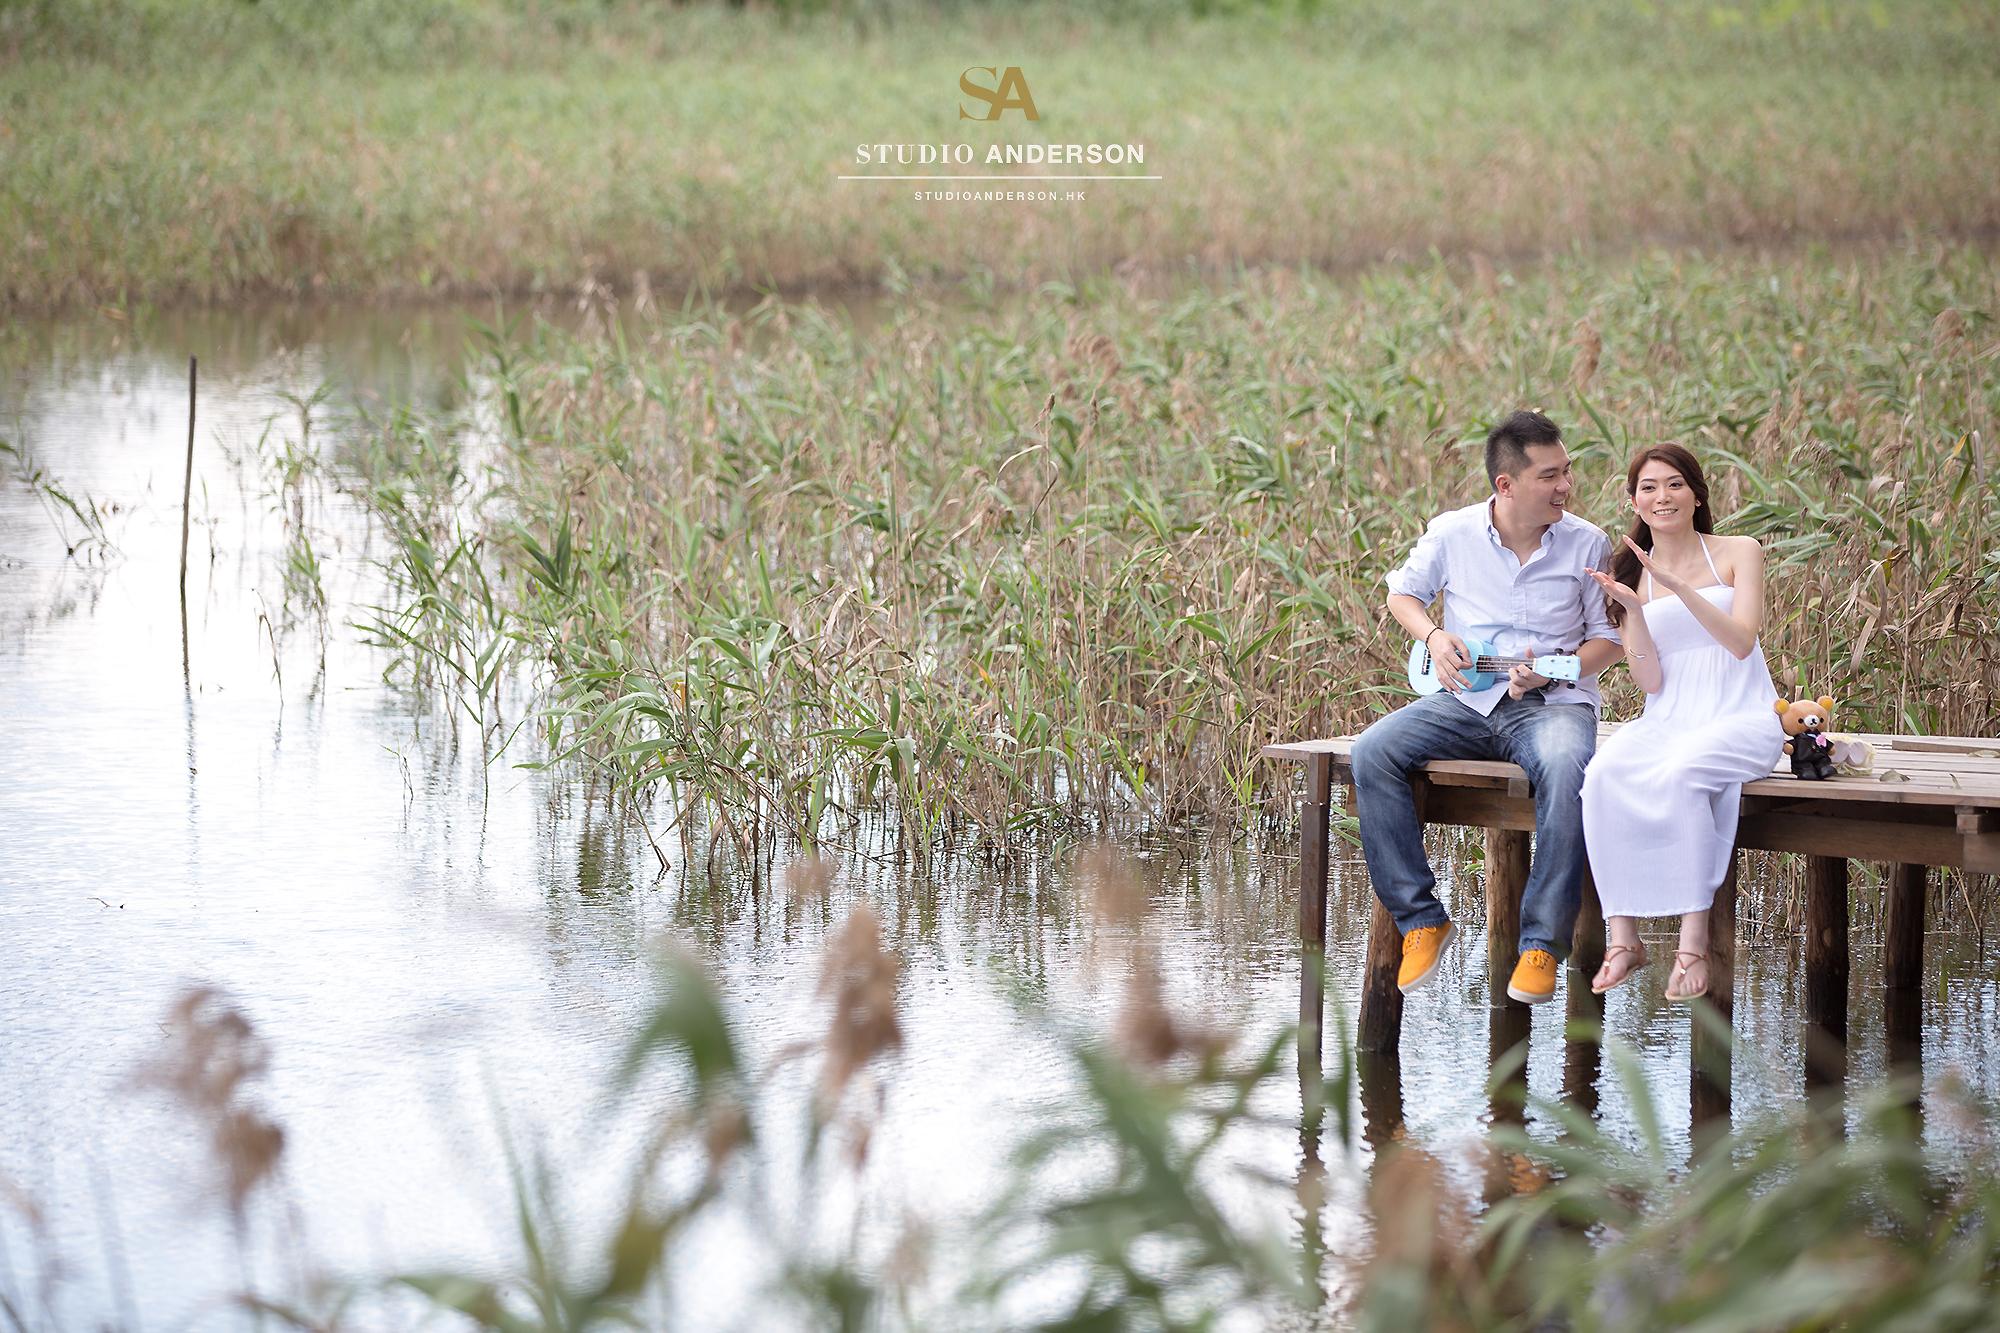 013 - Jay and Hang engagement (Watermark).jpg